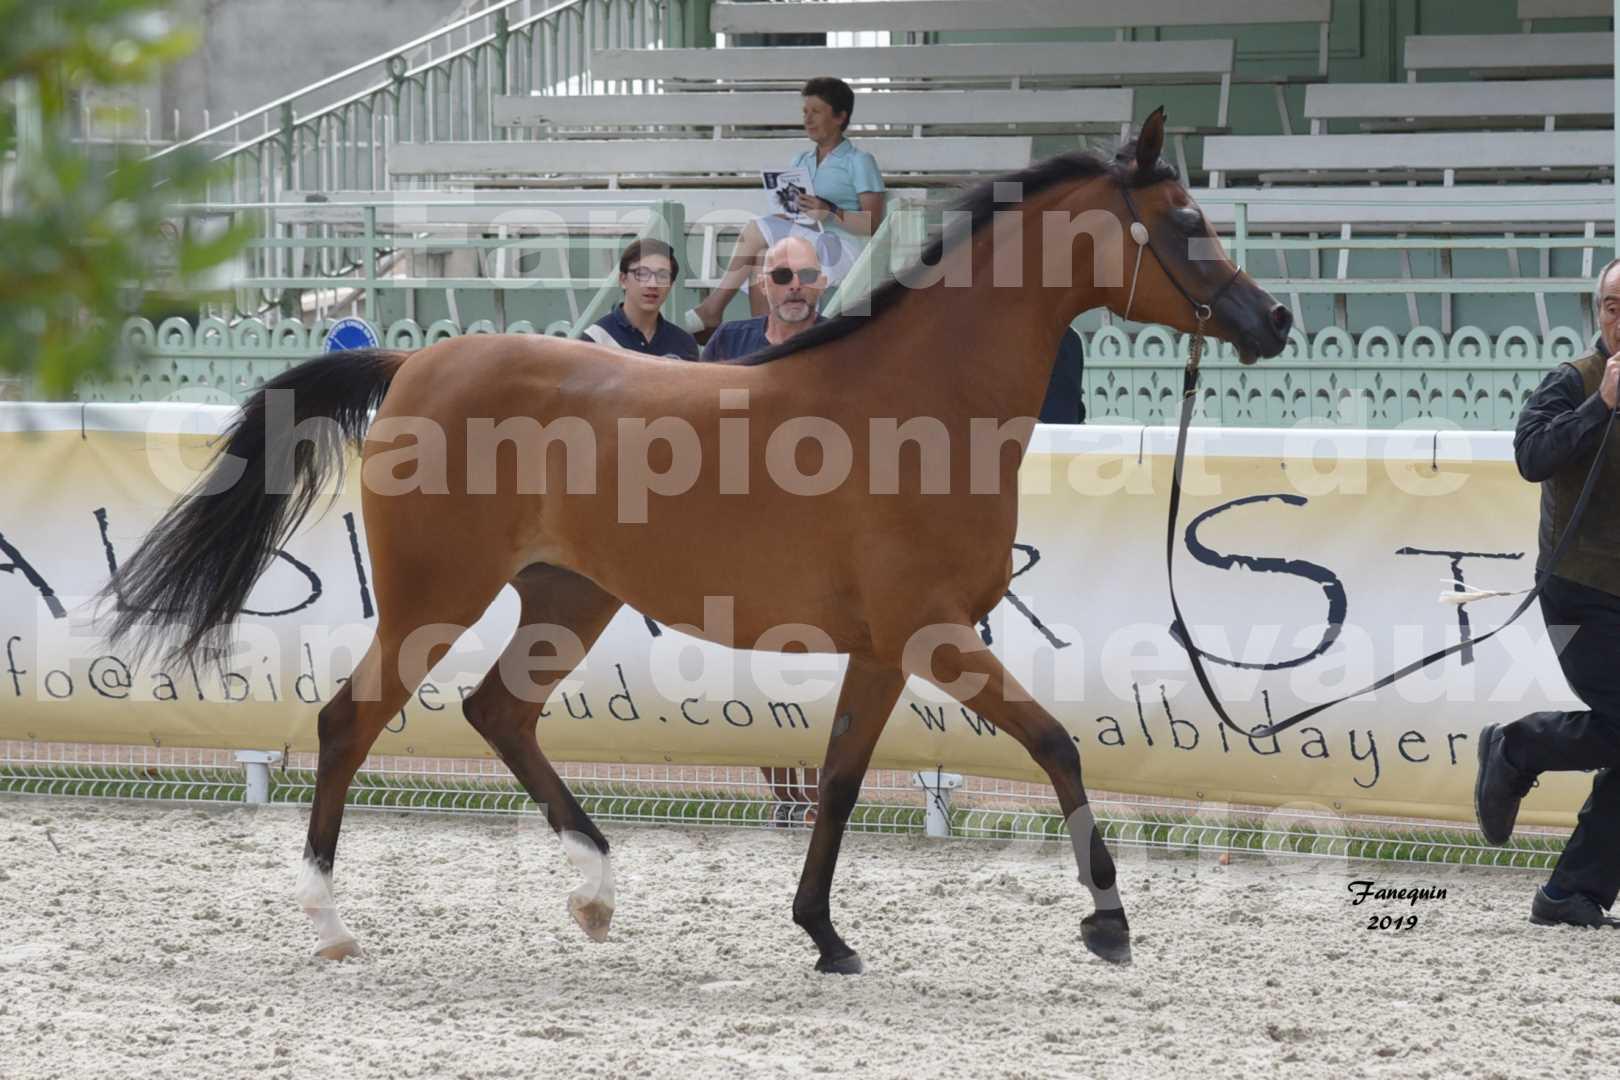 Championnat de France des chevaux Arabes en 2019 à VICHY - SH CHARISMA - 4